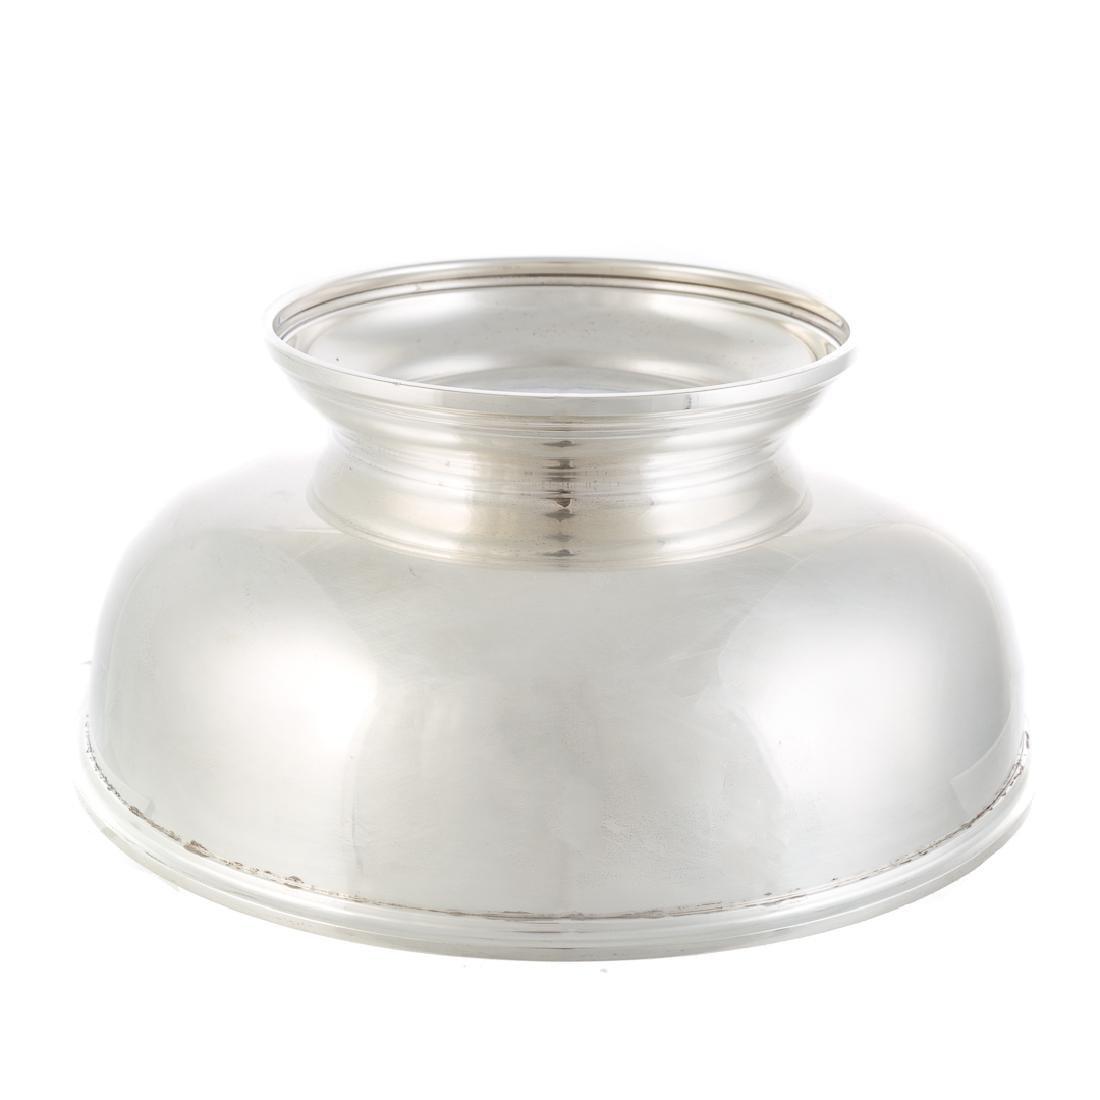 Kirk sterling silver Paul Revere bowl - 3